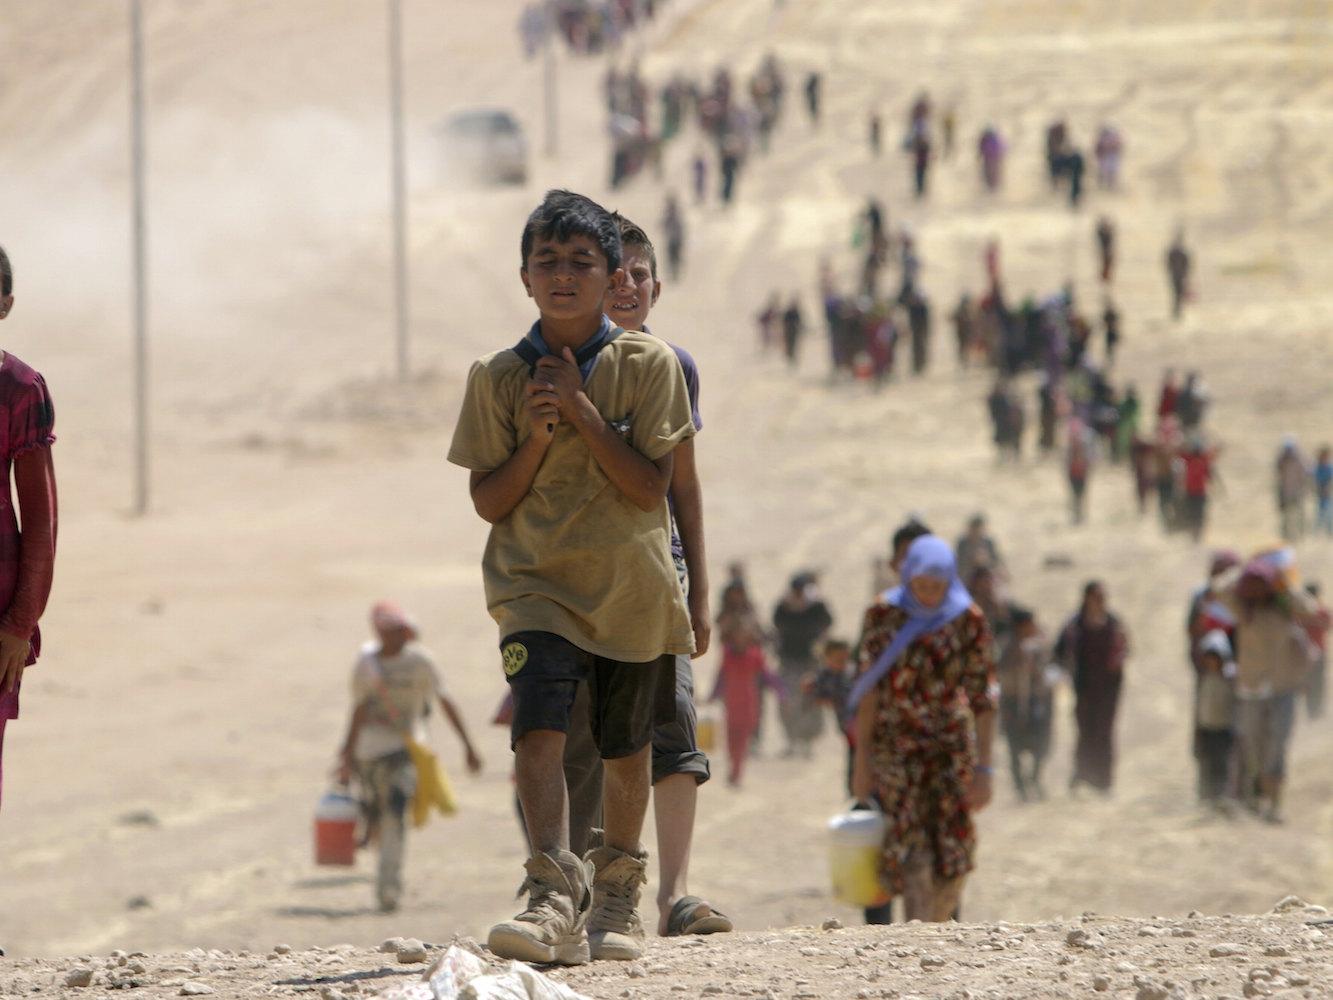 Suriyeli mülteciler gündemden düşmüyor